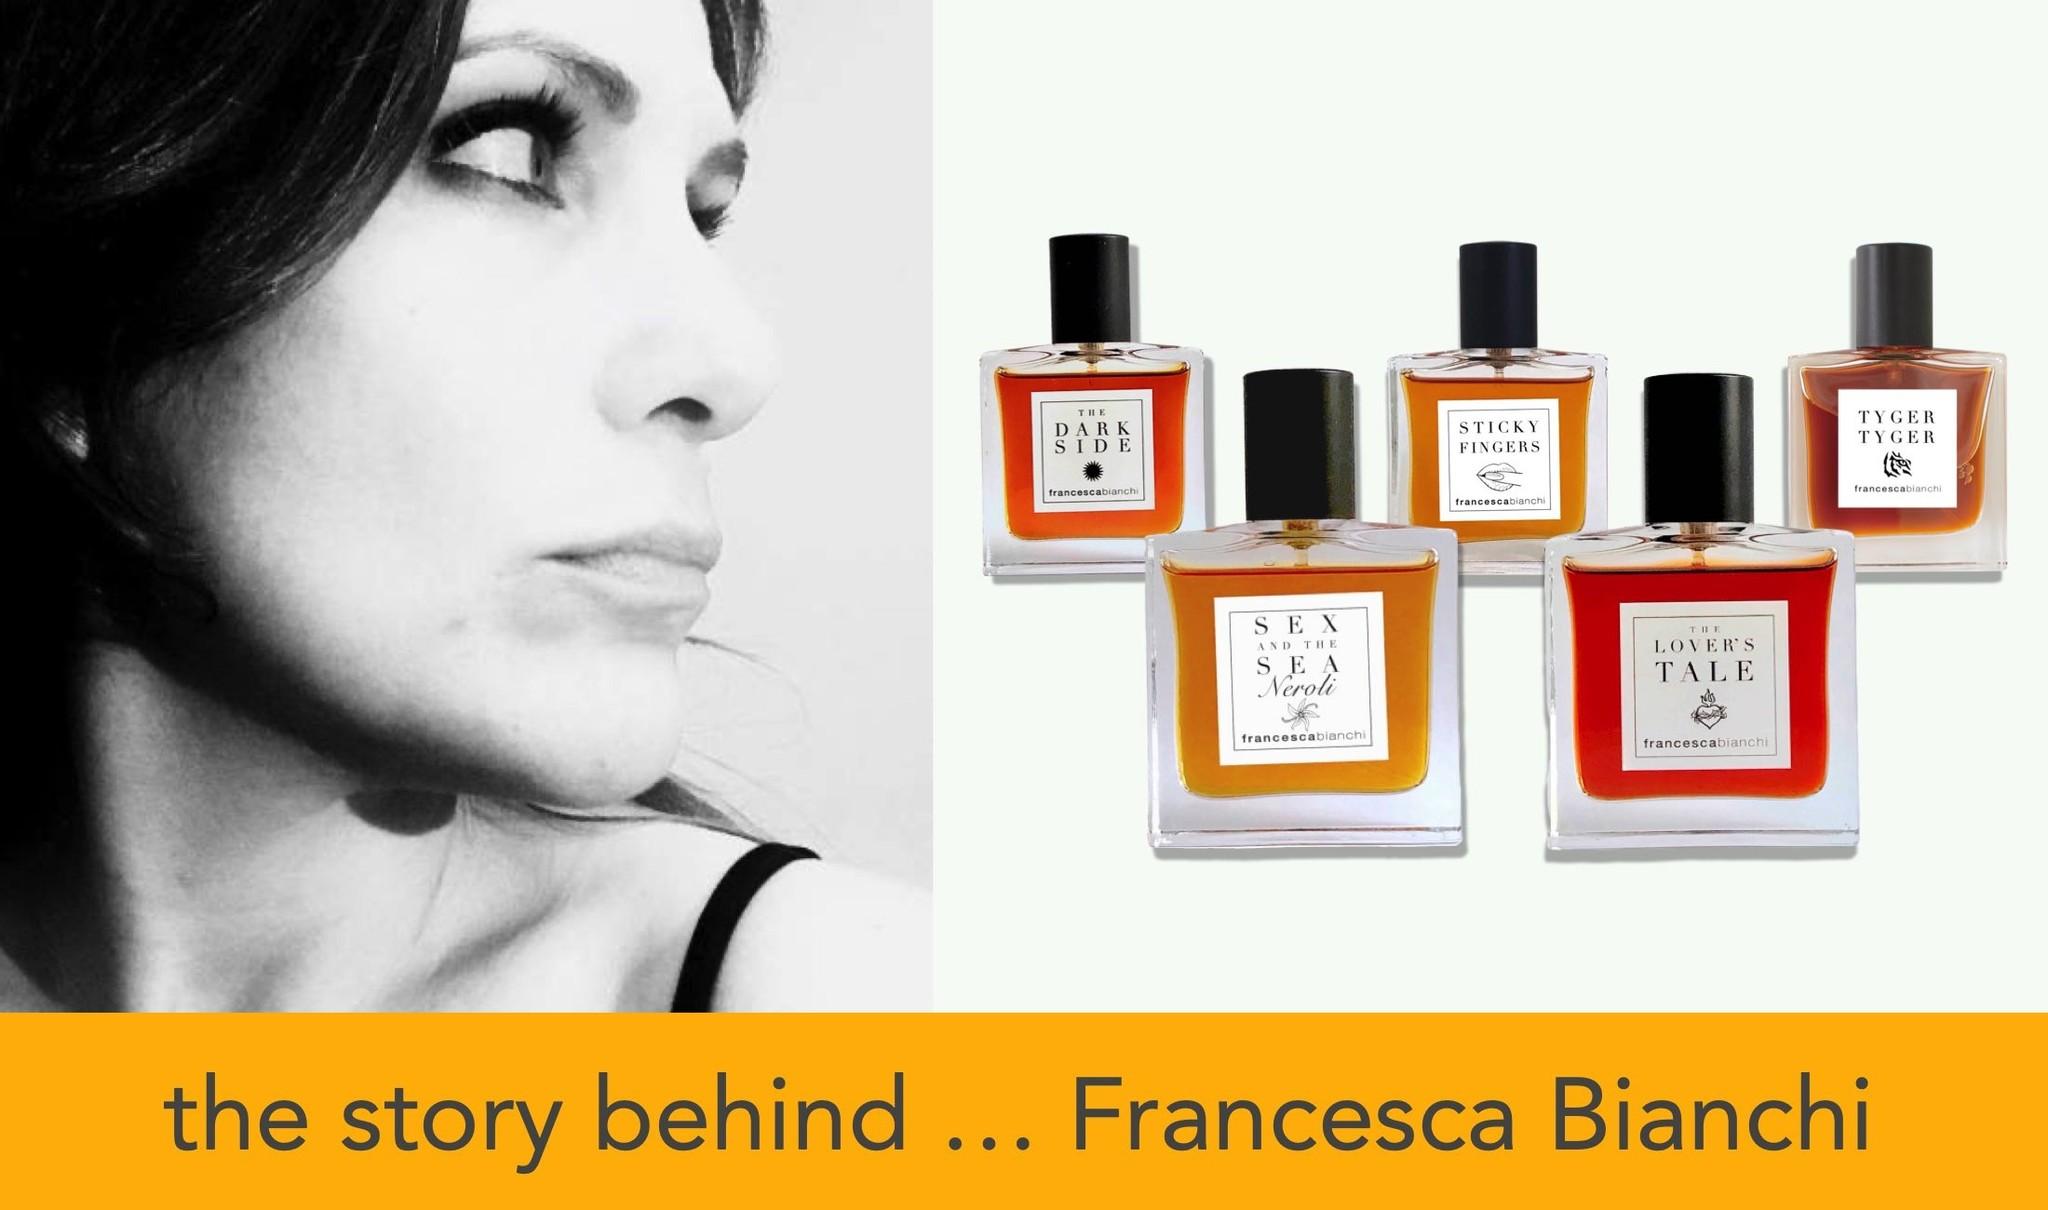 het verhaal achter  ... Francesca Bianchi